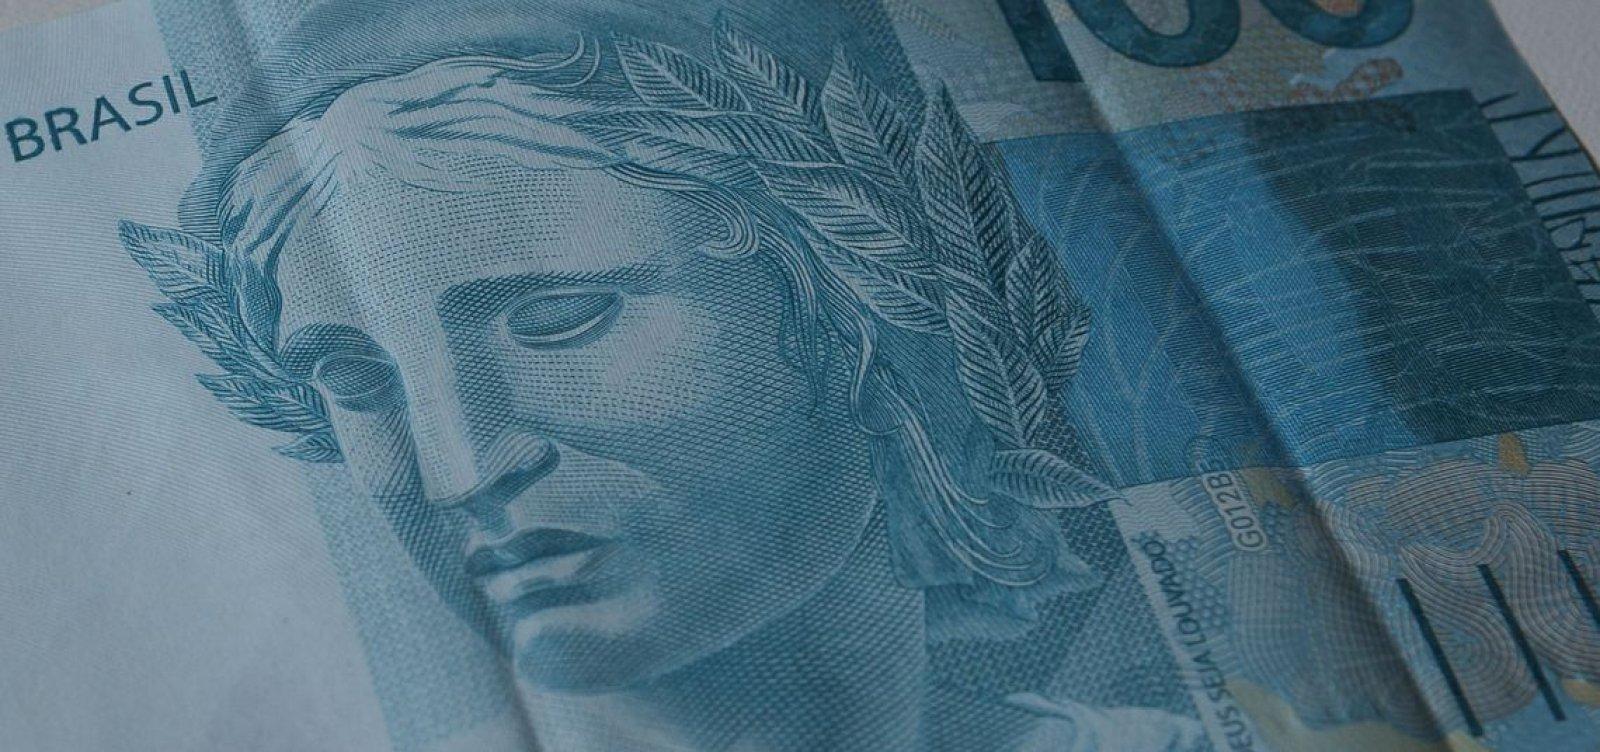 [Inflação do país desacelera e fica em 0,13% em maio]